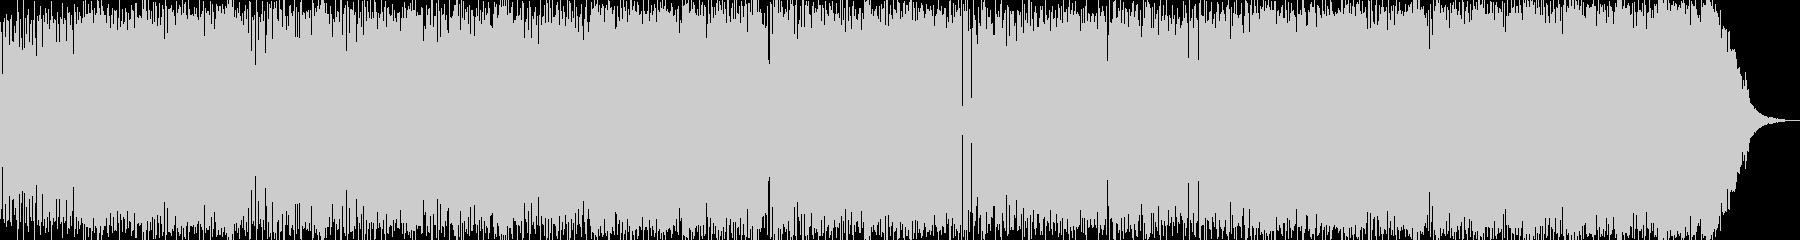 スキャットソウルジャズの未再生の波形